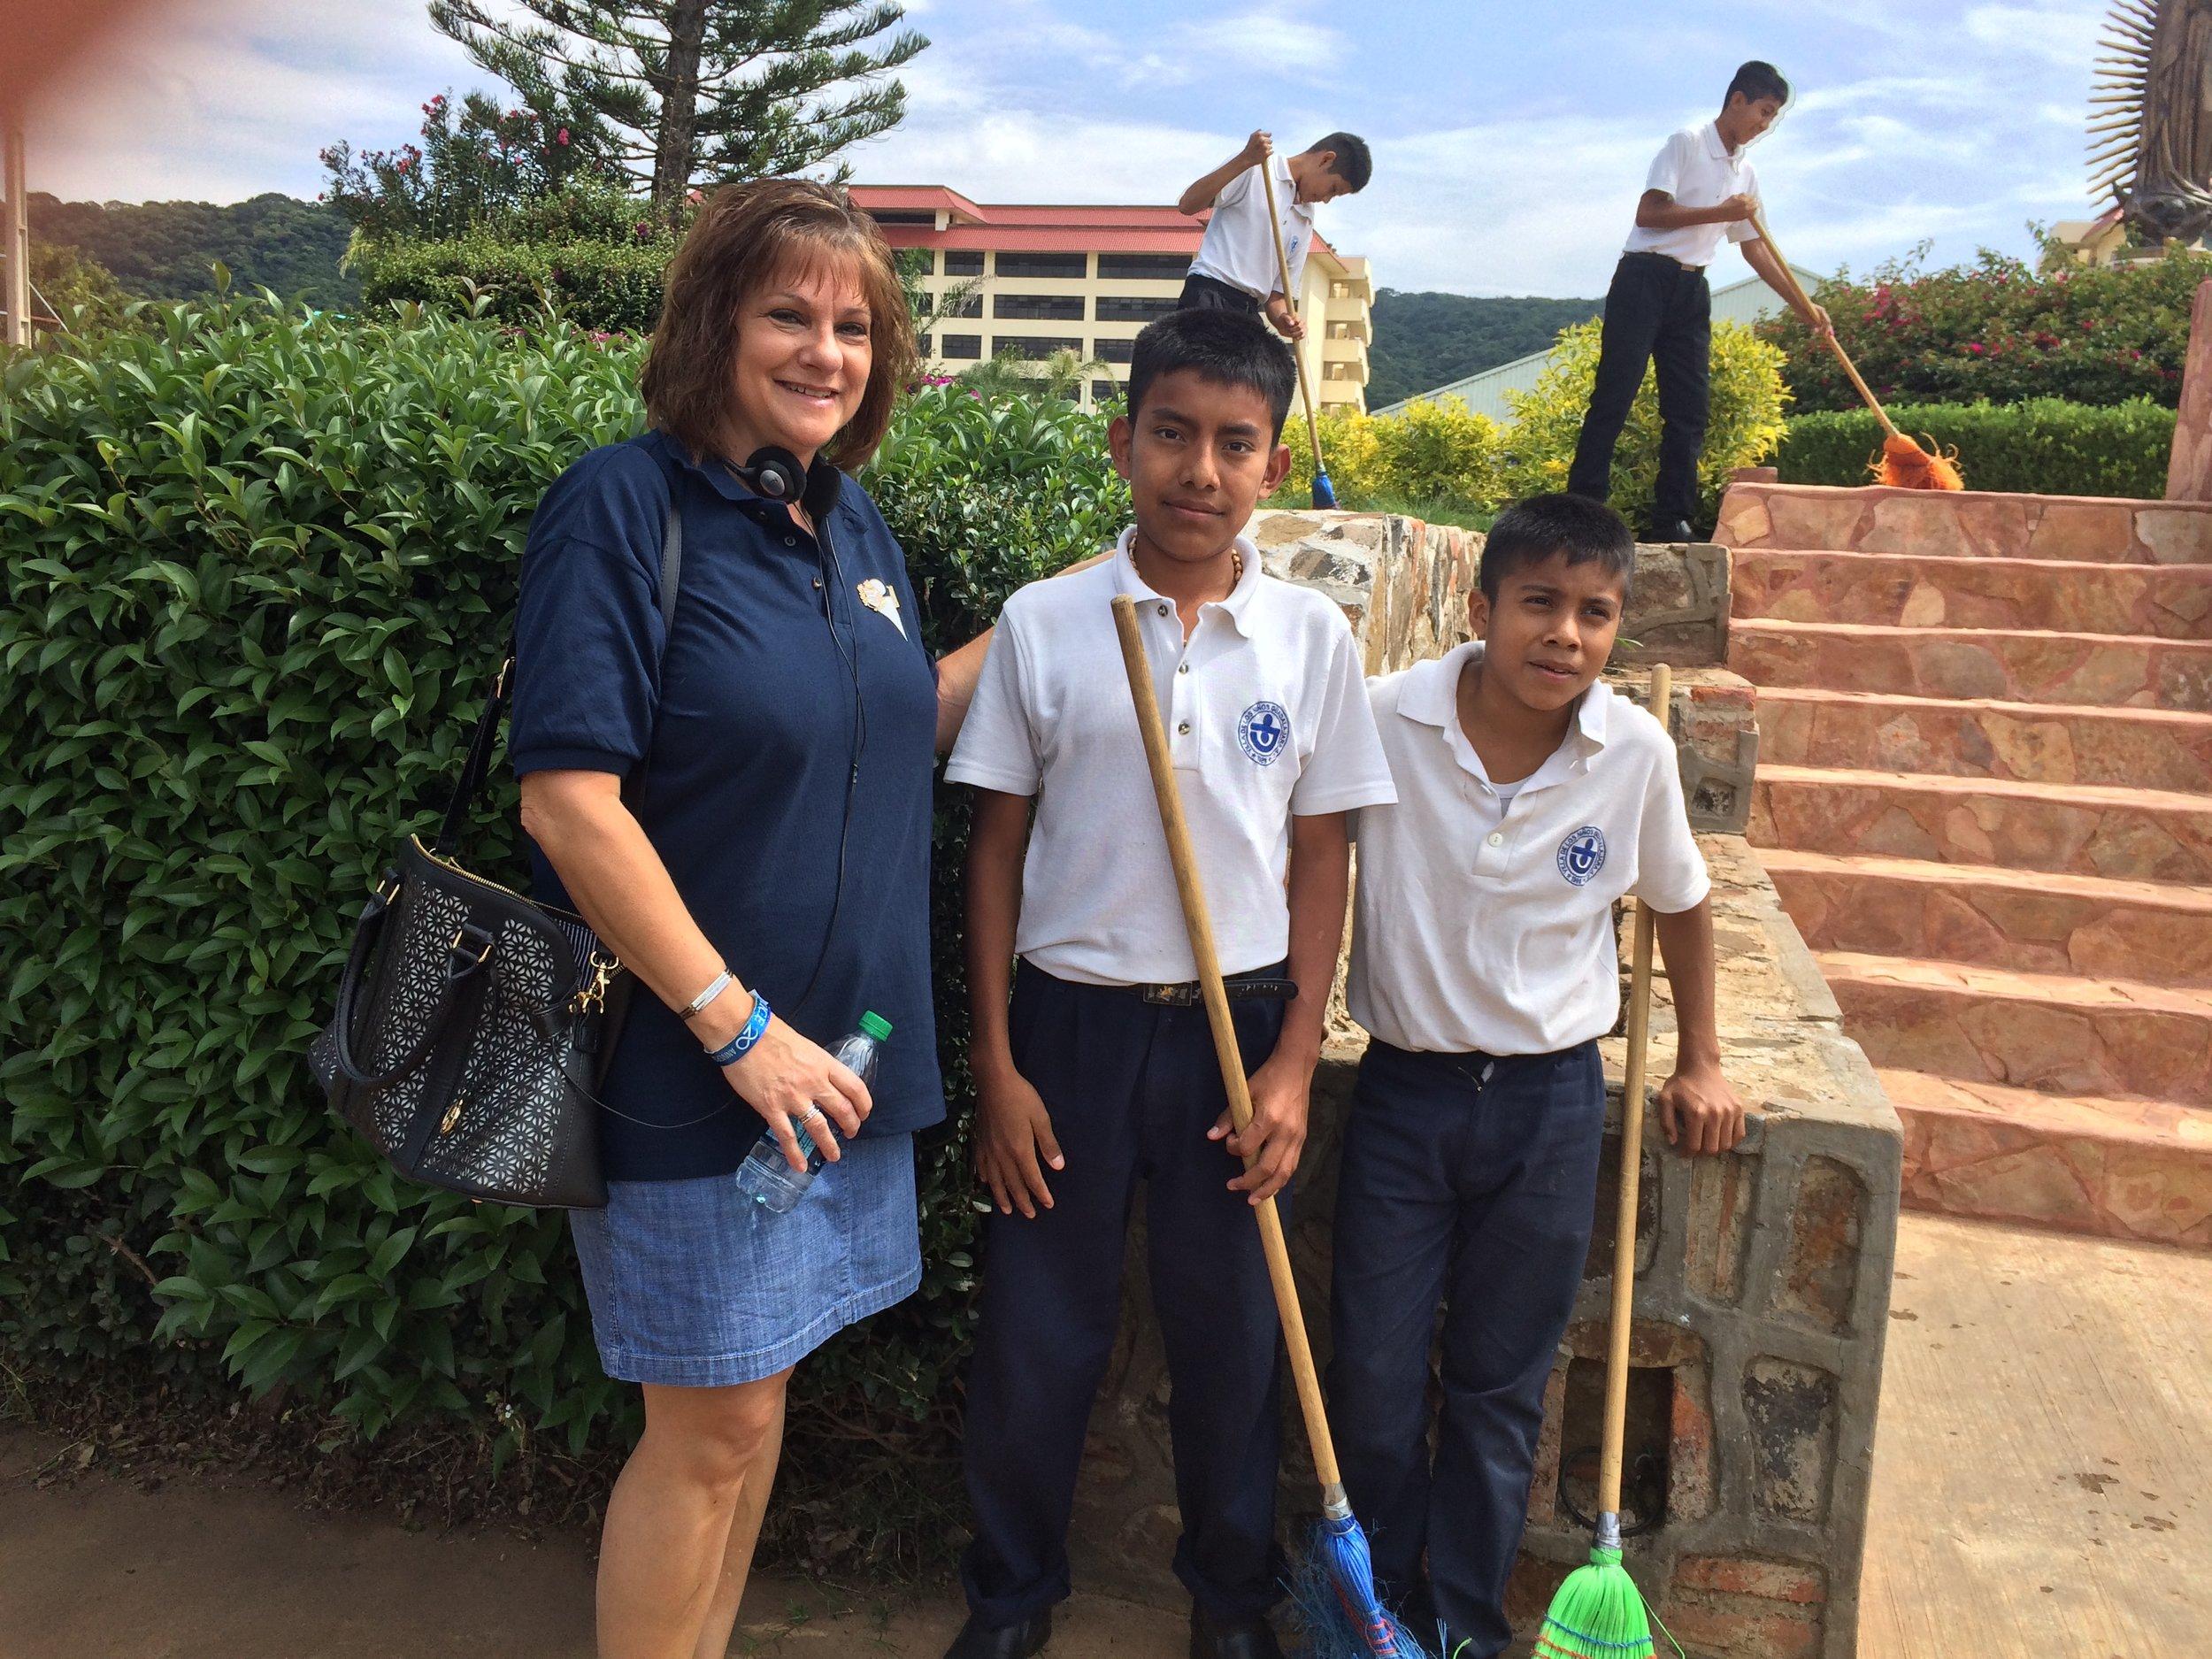 Gau visiting the Villa de los Niños, the boys school sponsored by the Nice Foundation.